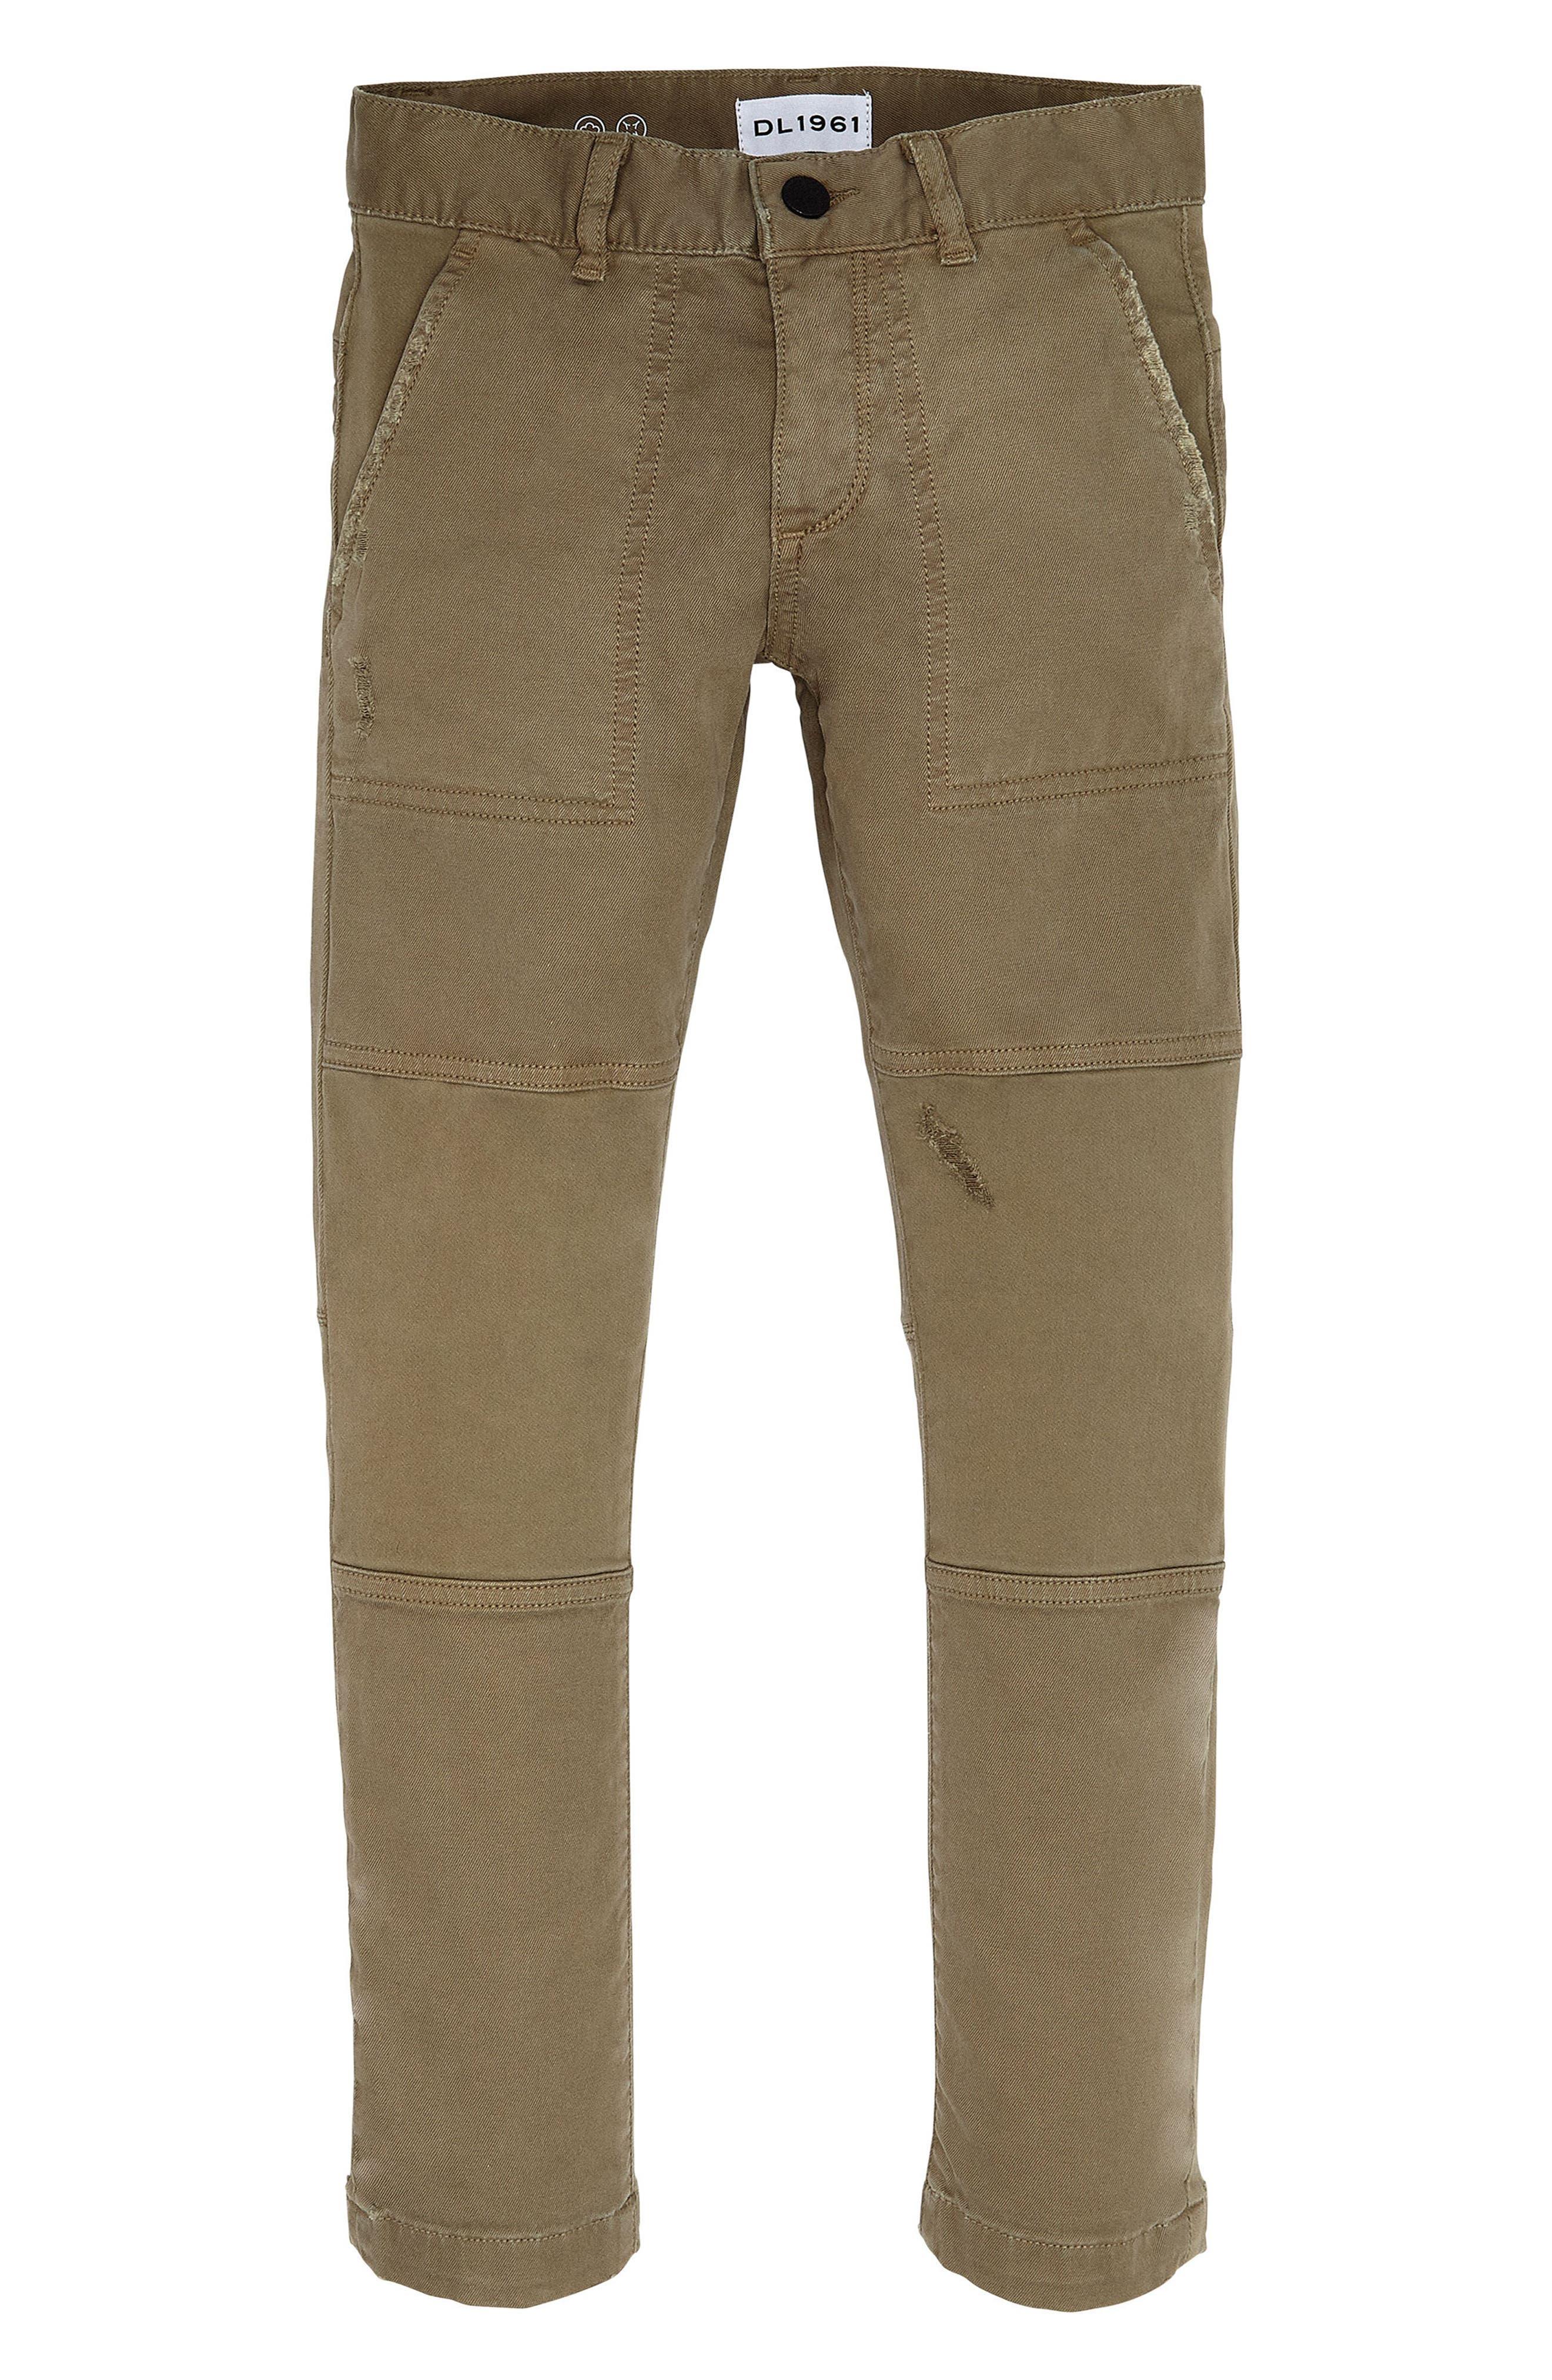 Main Image - DL1961 Hawke Skinny Fit Utility Jeans (Big Boys)